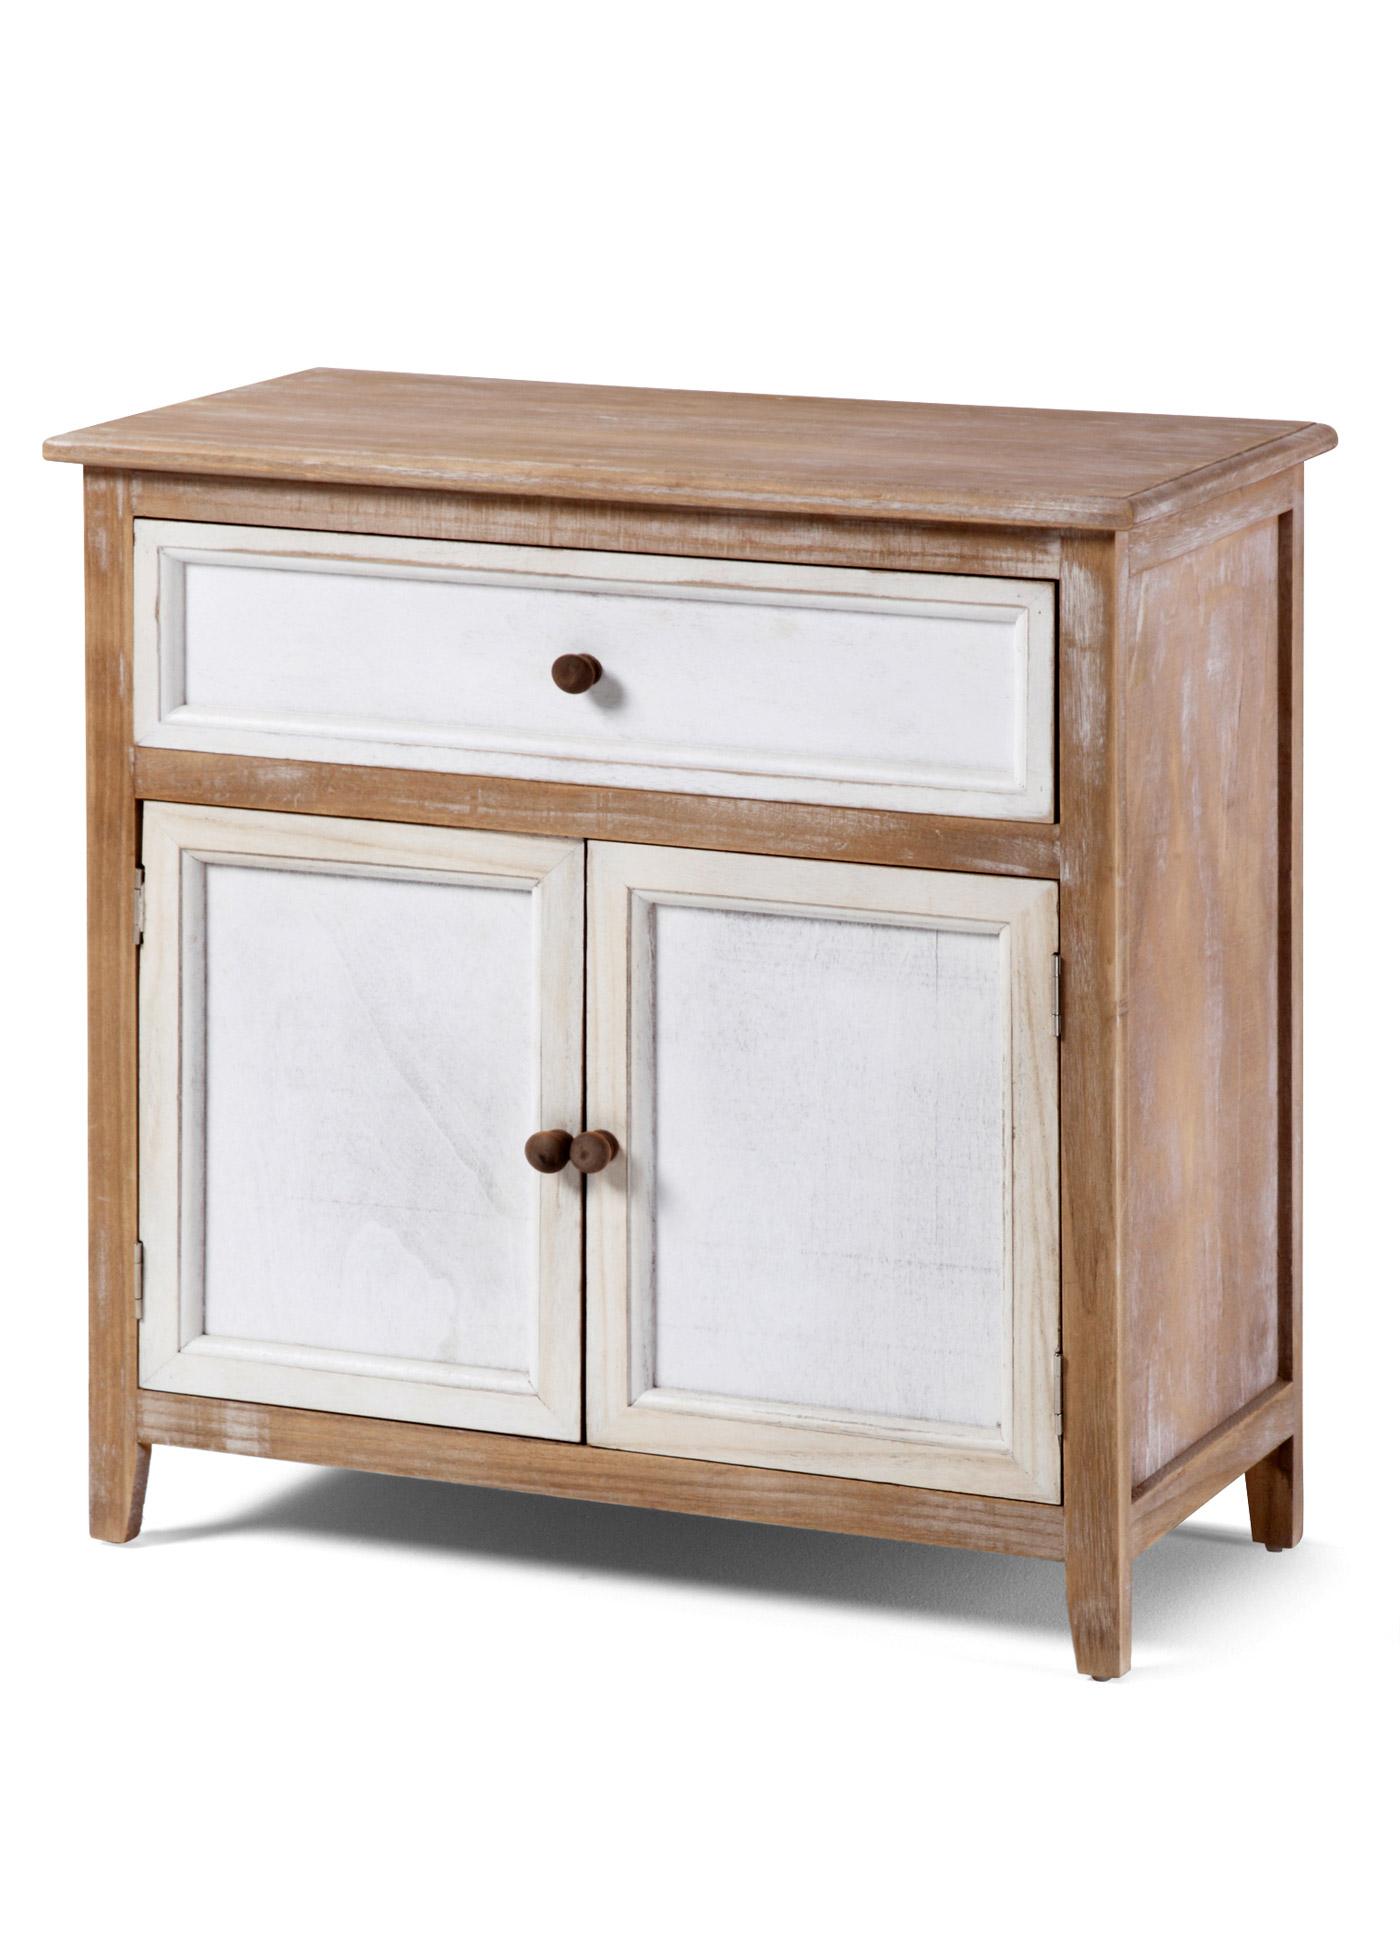 """Commode bicolore avec cadre d""""aspect patiné du plus bel effet. Elle dispose d""""un grand tiroir et 2 portes ouvrant sur un grand compartiment offrant beaucoup de place pour vos affaires. Article livré monté."""